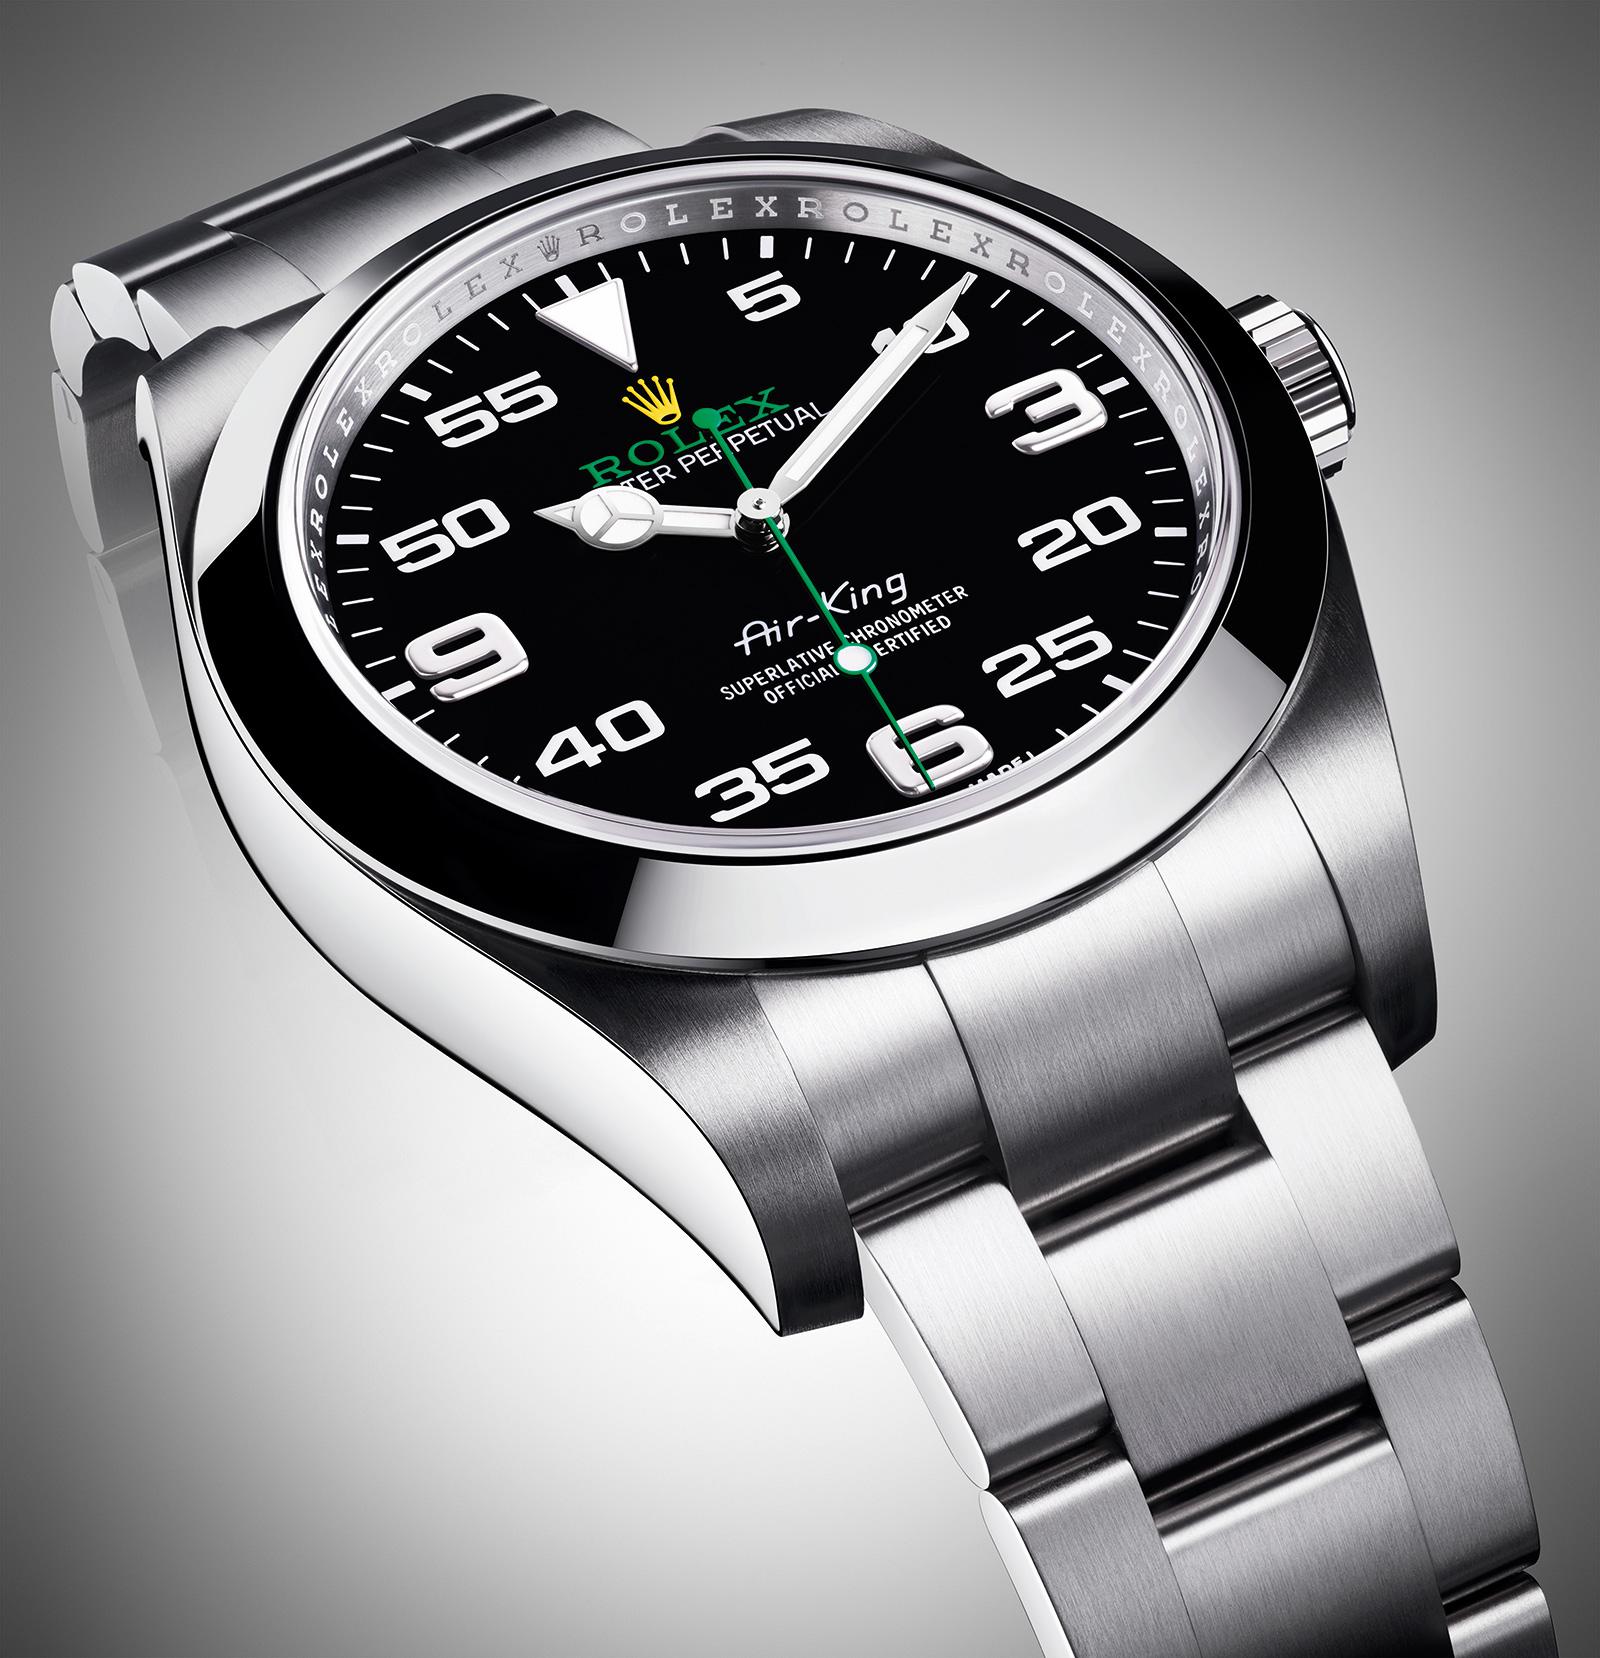 Rolex Air-King 116900 4